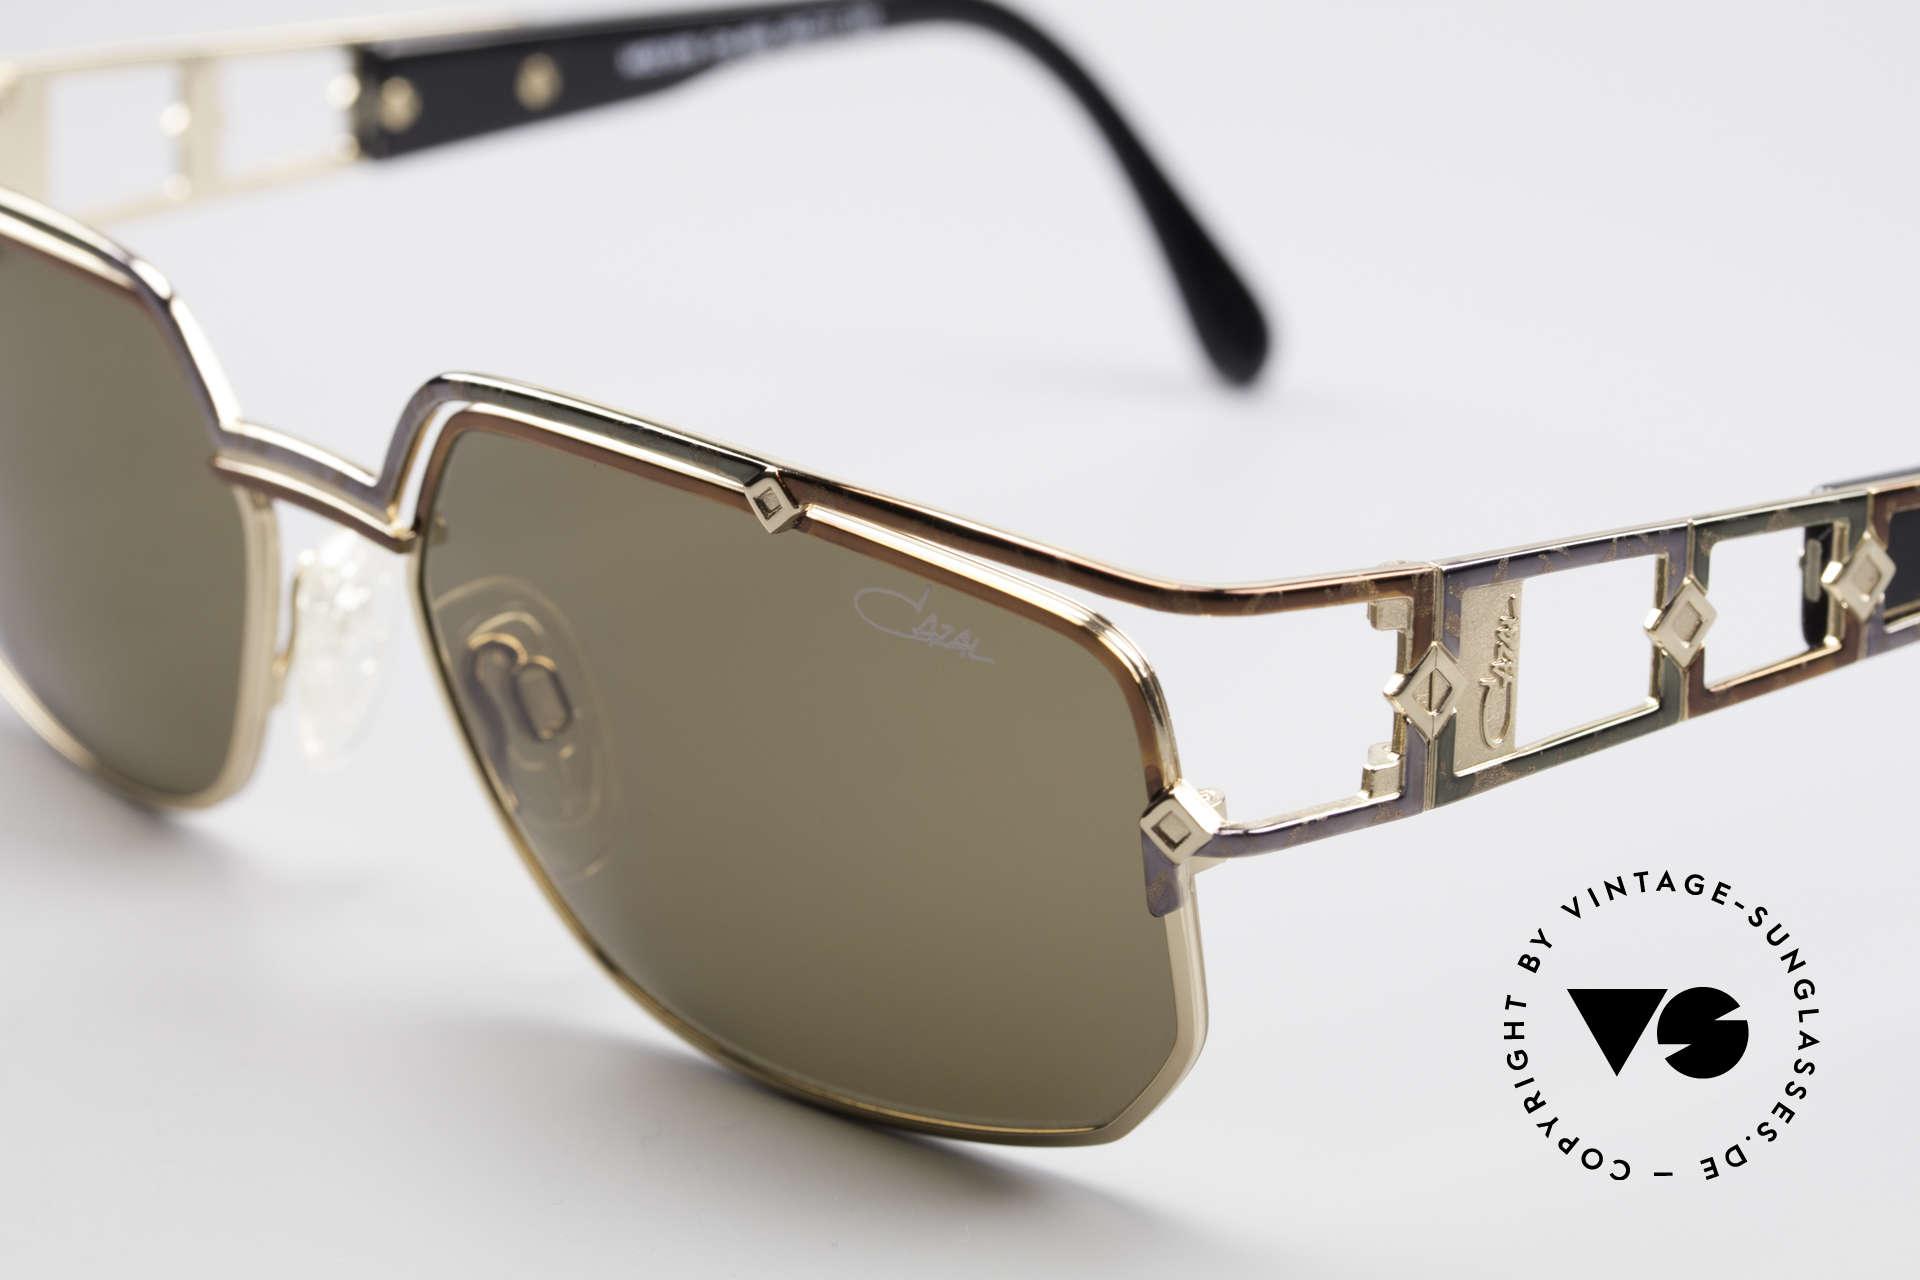 Cazal 979 Damen Sonnenbrille Vintage, heutzutage nur noch sehr selten zu finden; RARITÄT, Passend für Damen